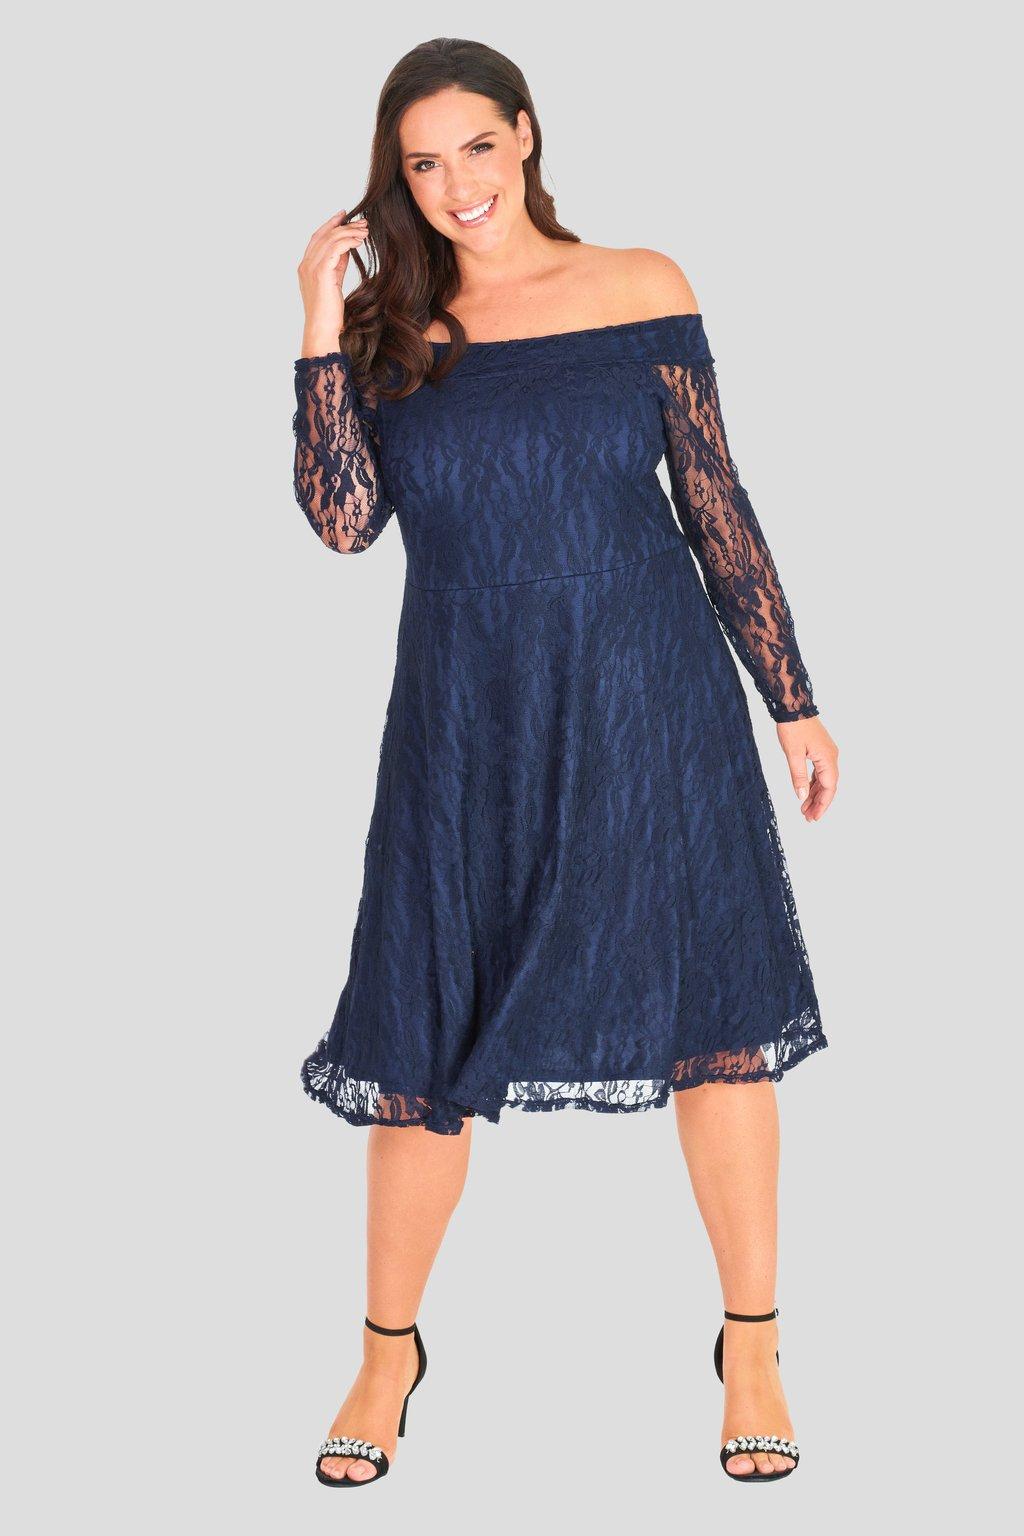 Krajkové šaty Cosham s rukávem tmavě modré 2